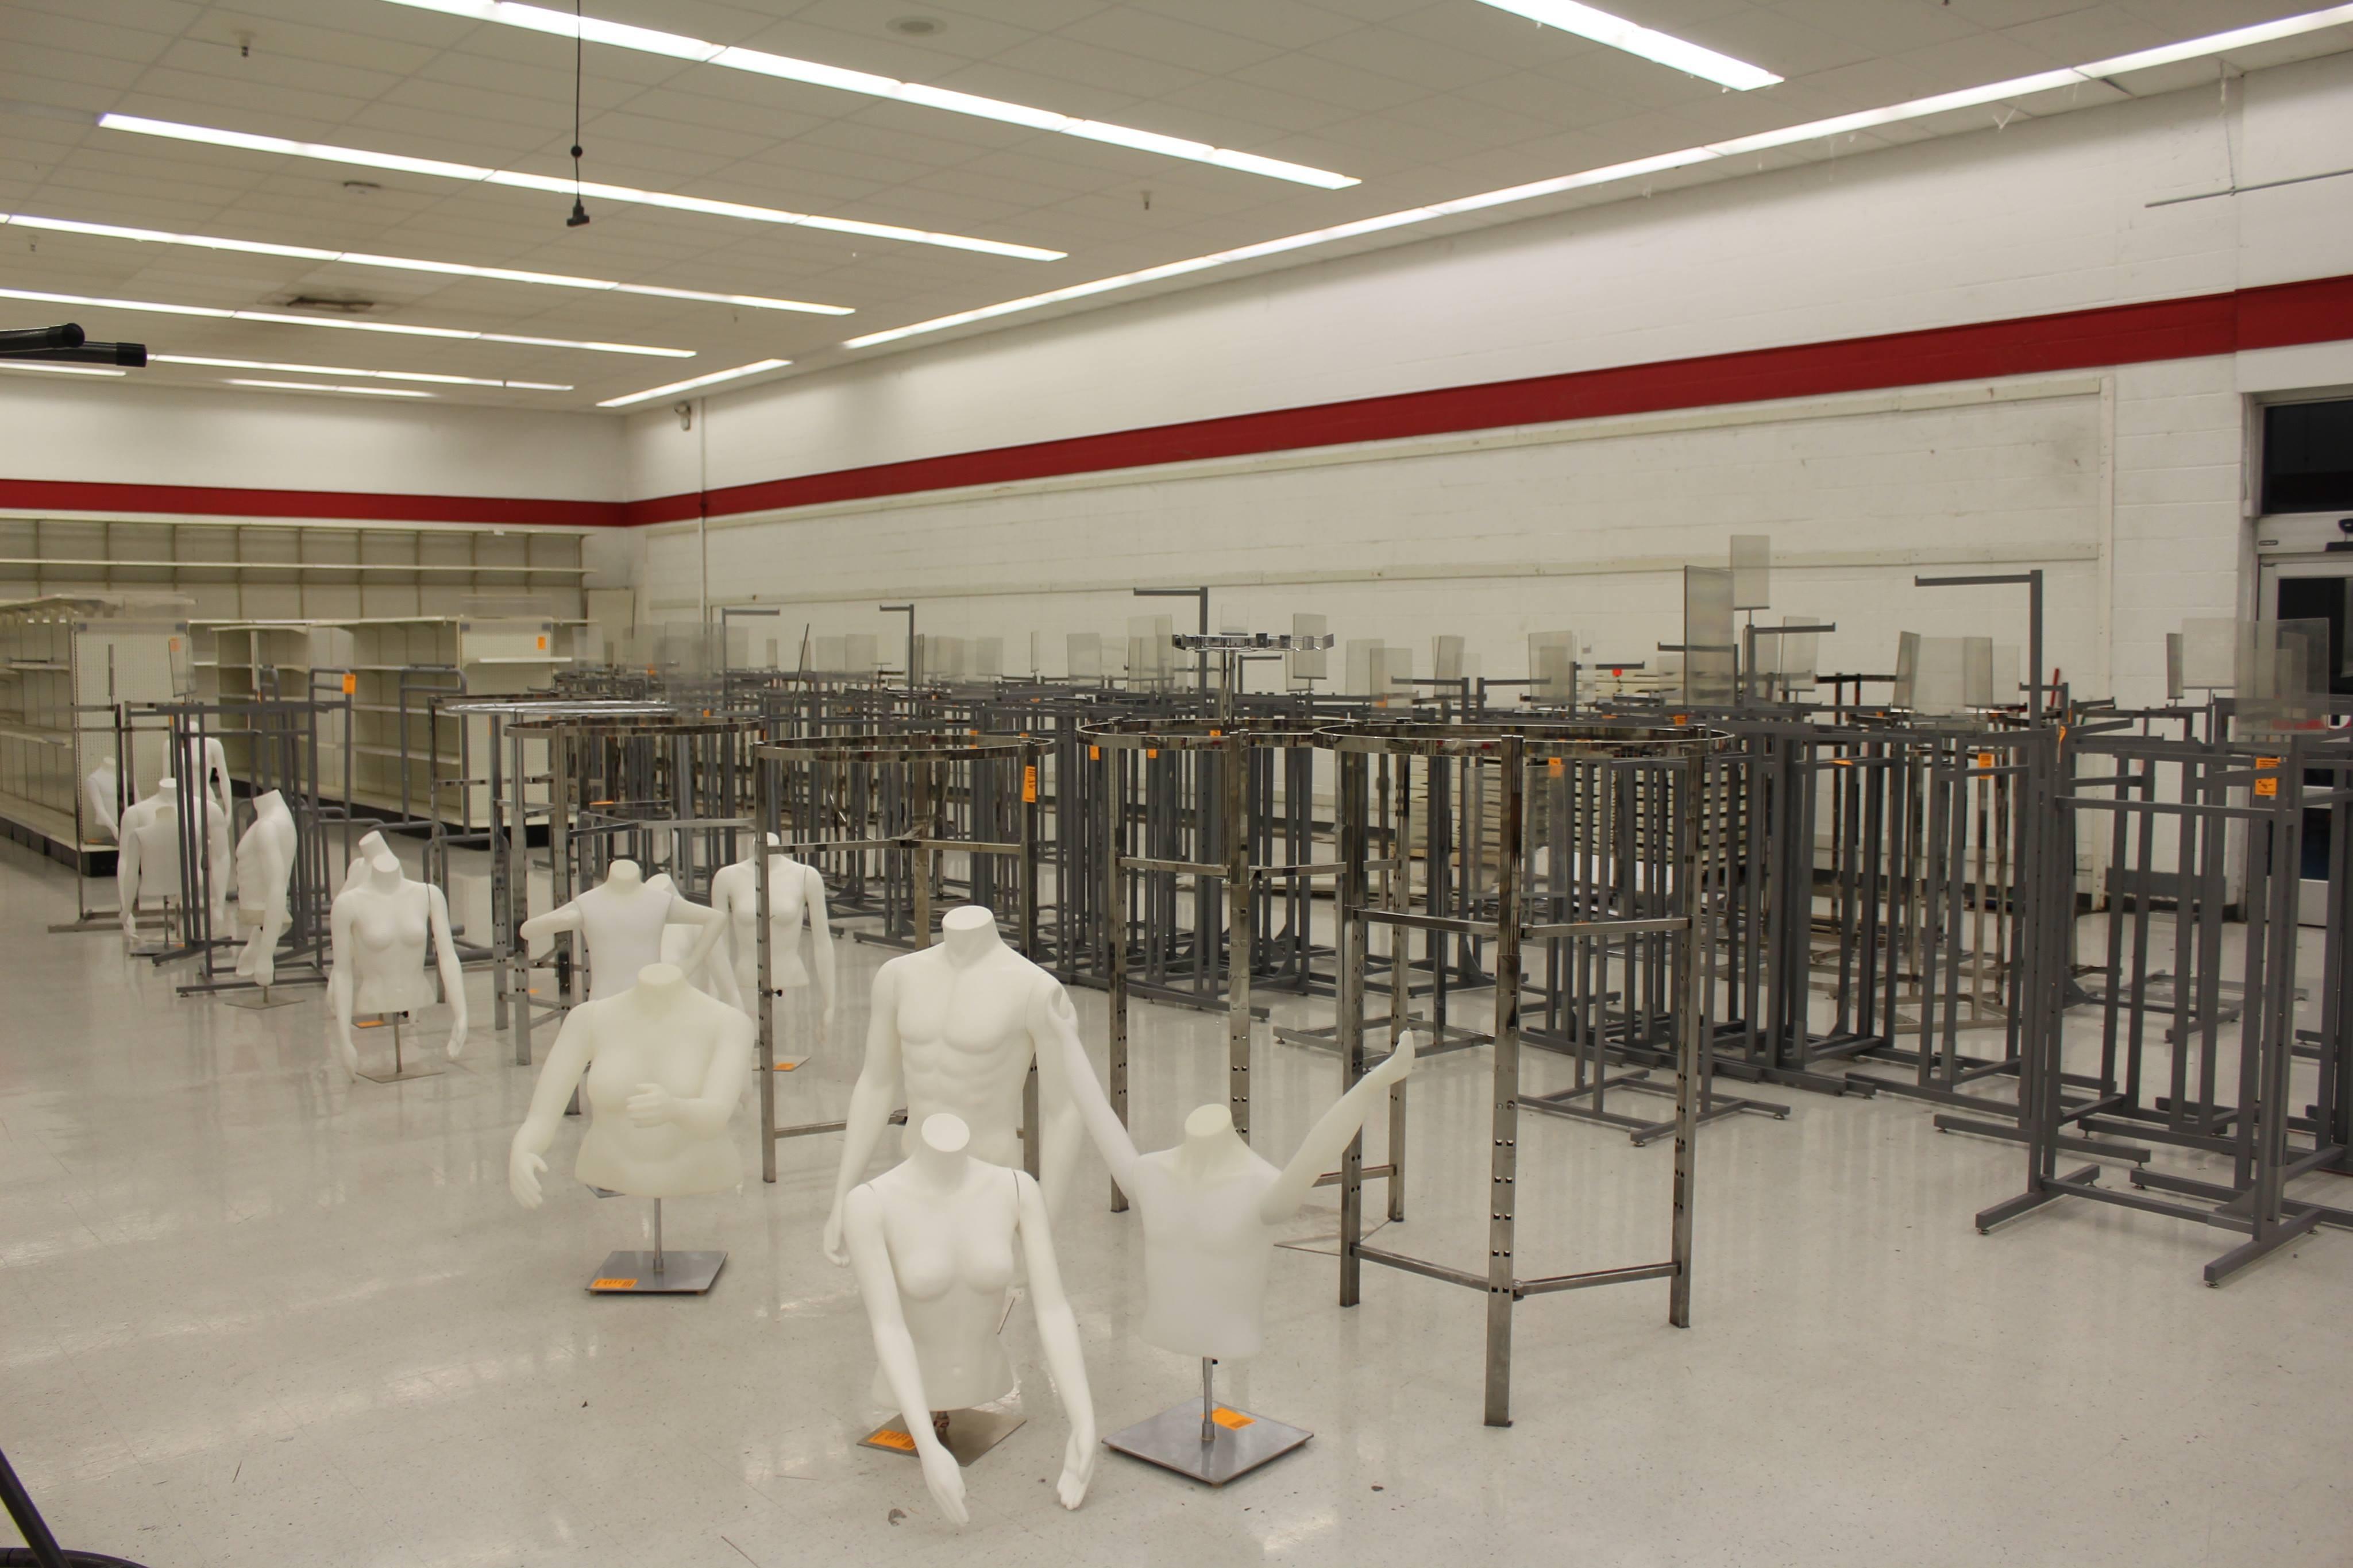 Mannequin Storage